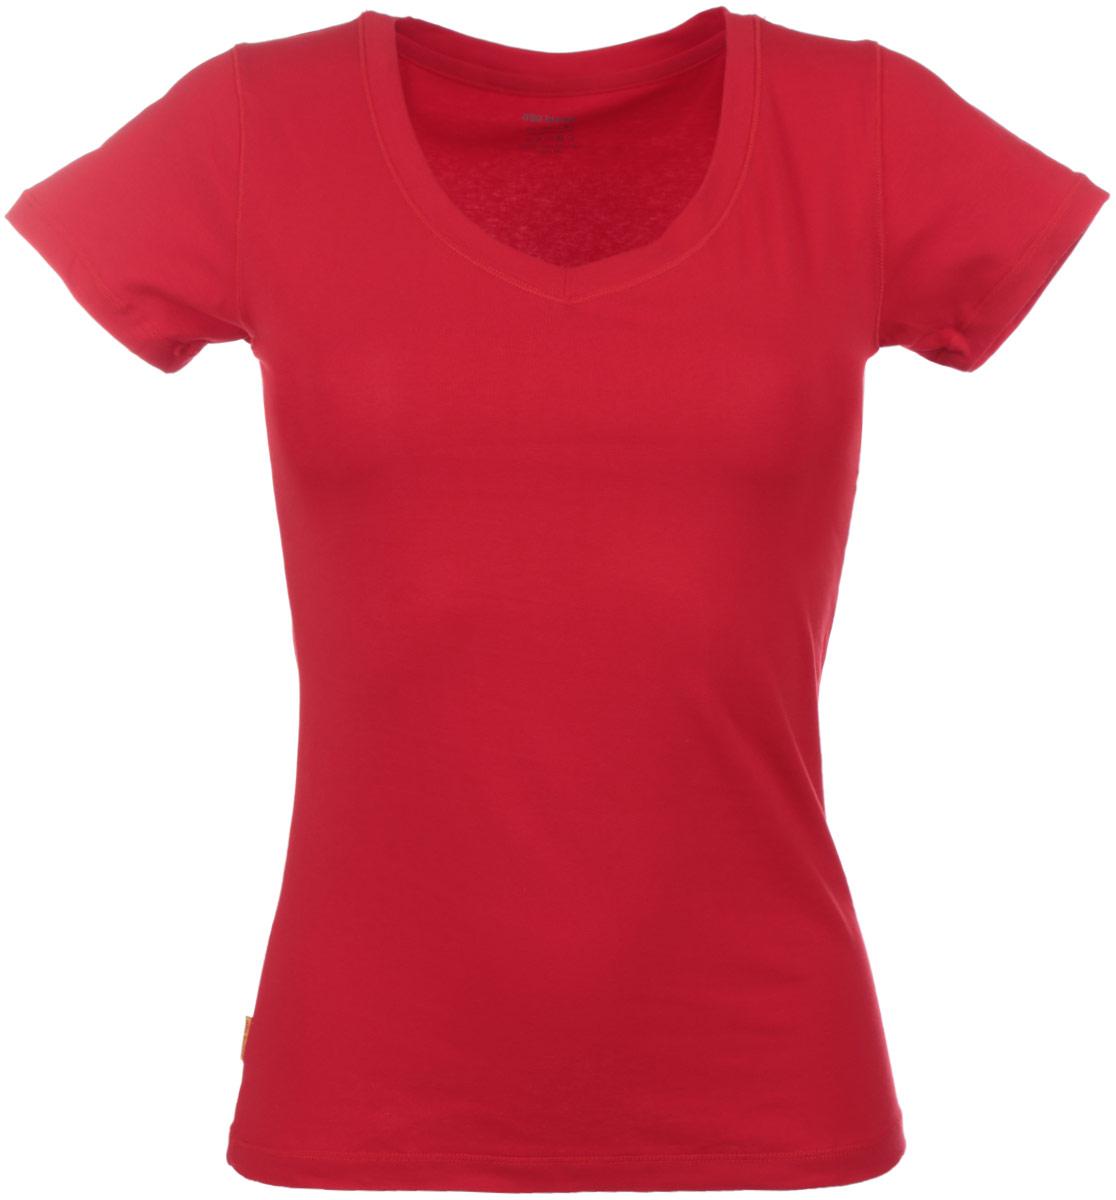 Футболка женская Alla Buone Liscio, цвет: красный. 7047. Размер L (46/48)7047Женская футболка Alla Buone Liscio, выполненная из эластичного хлопка, идеально подойдет для повседневной носки. Материал изделия мягкий, тактильно приятный, не сковывает движения и позволяет коже дышать.Футболка с V-образным вырезом горловины и короткими рукавами имеет слегка приталенный силуэт. Вырез горловины оформлен мягкой окантовочной лентой. Изделие дополнено фирменным логотипом, вшитым в боковой шов.Такая модель будет дарить вам комфорт в течение всего дня и станет отличным дополнением к вашему гардеробу.